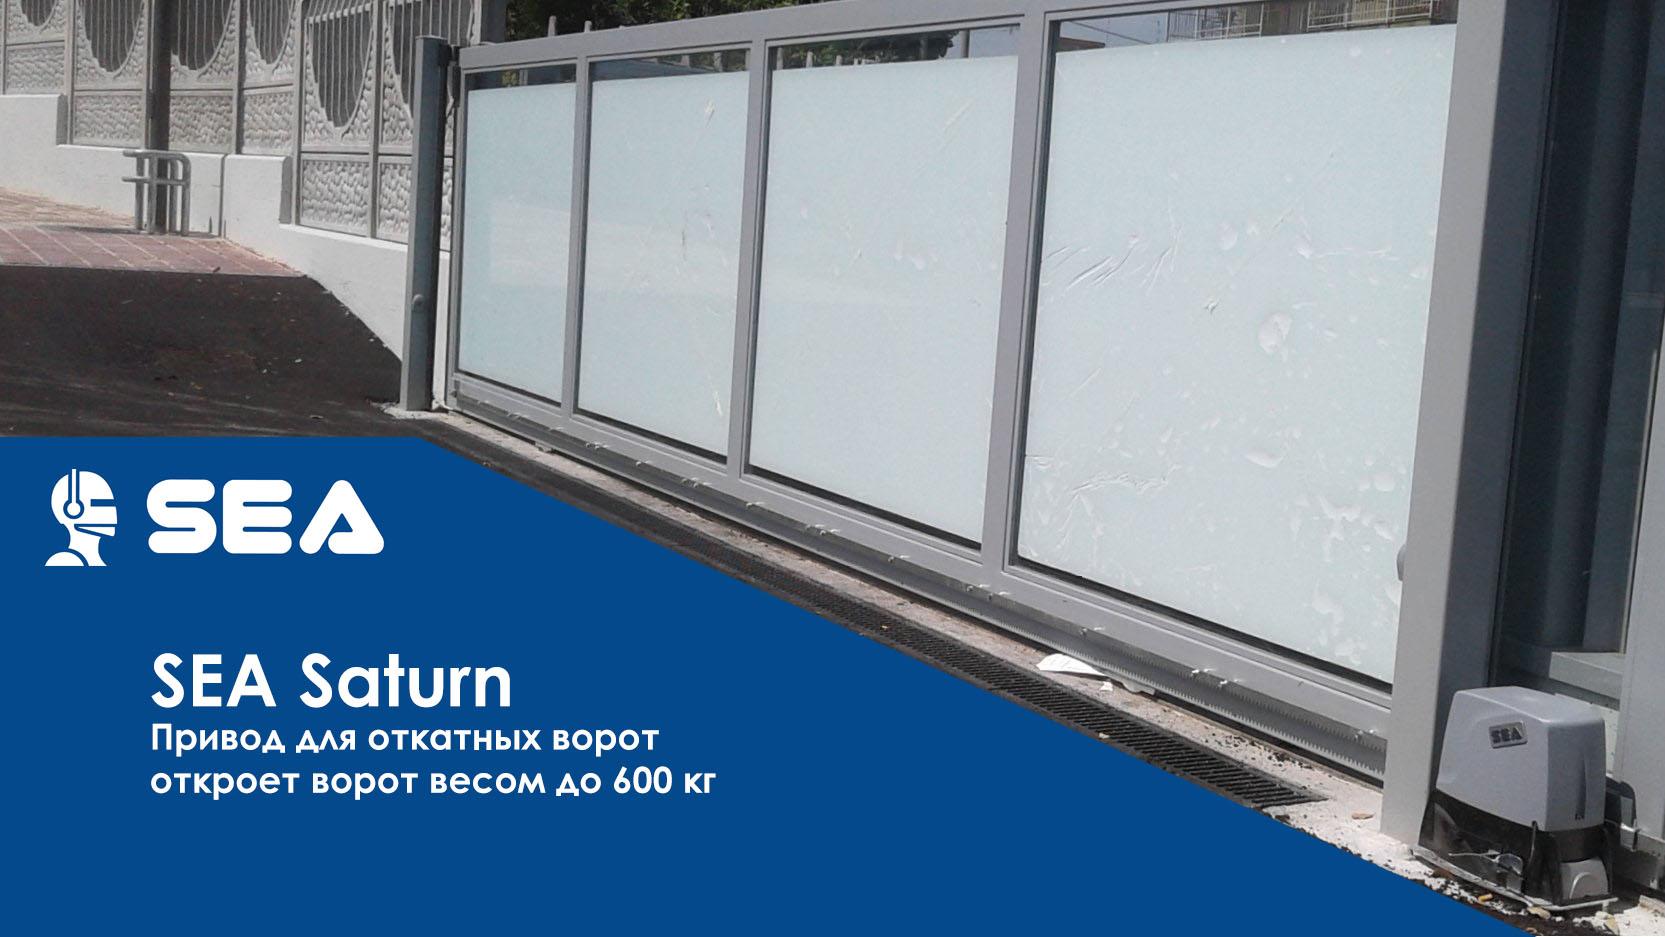 Привод распашных ворот SEA Saturn купить в Москве